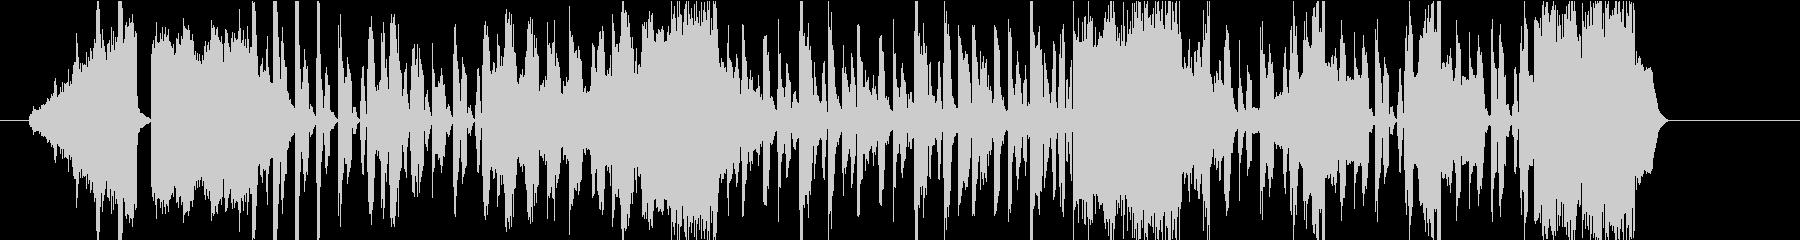 スタイリッシュでクールな映像用BGMの未再生の波形